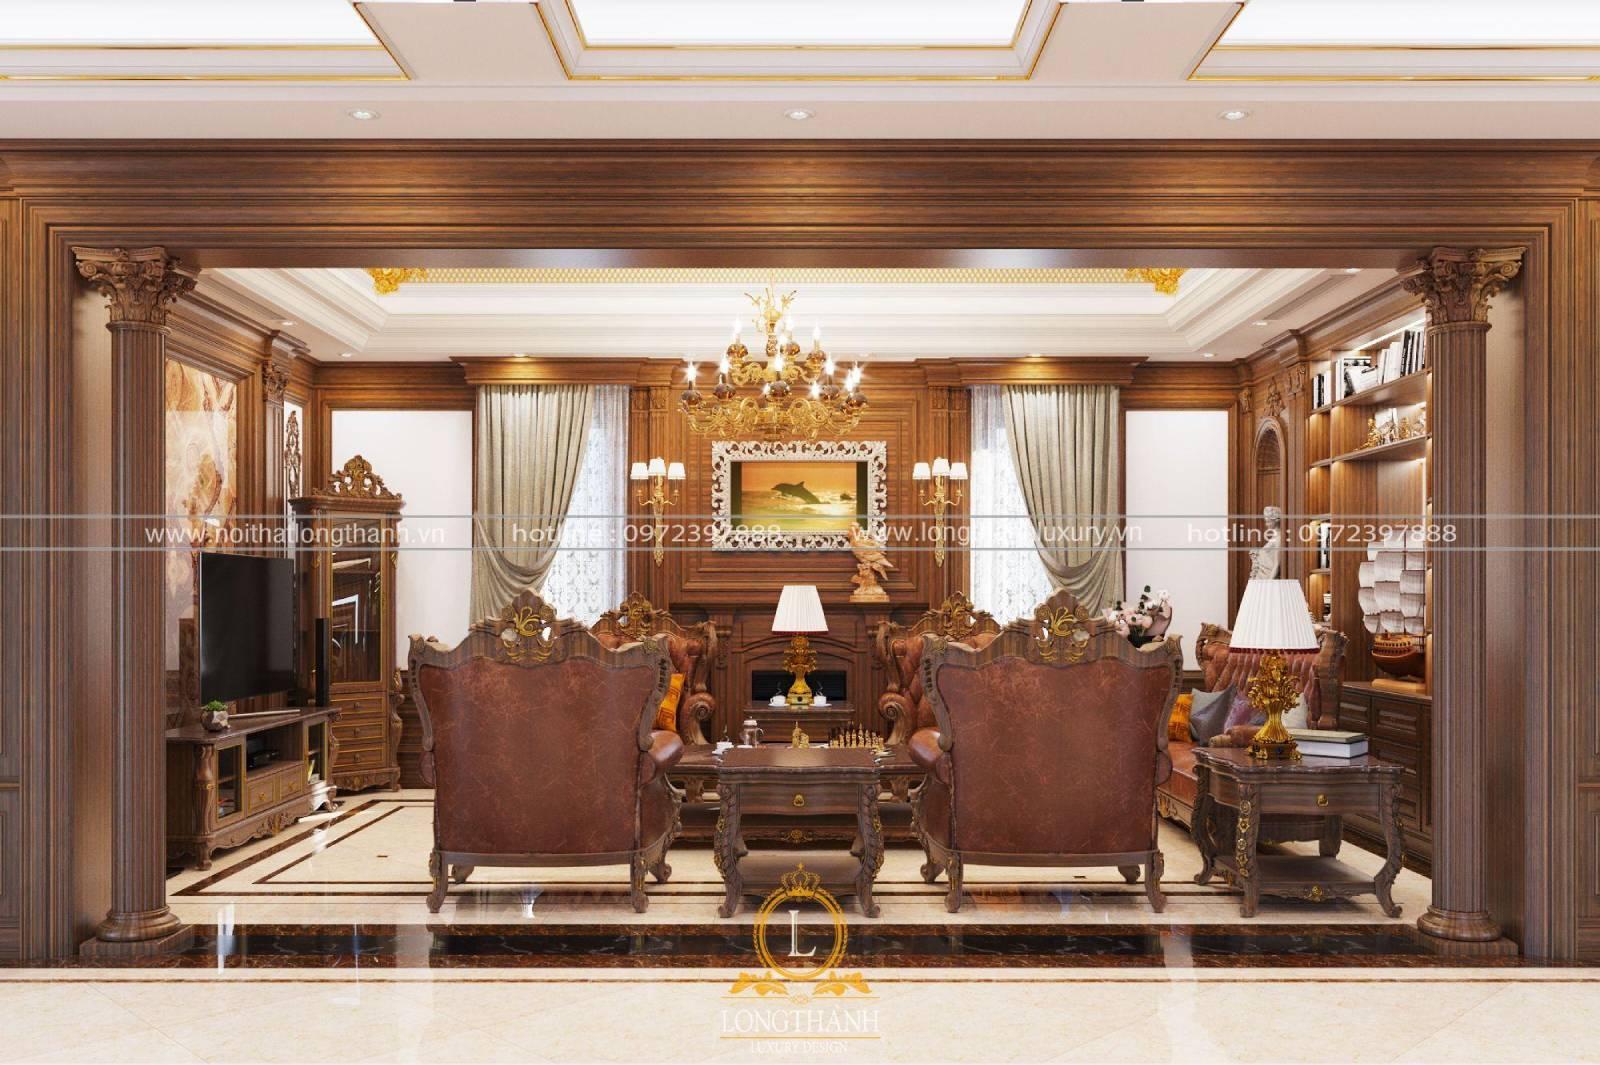 Bộ bàn ghế sofa cổ điển gỗ tự nhiên được đặt cân đối trong phòng khách